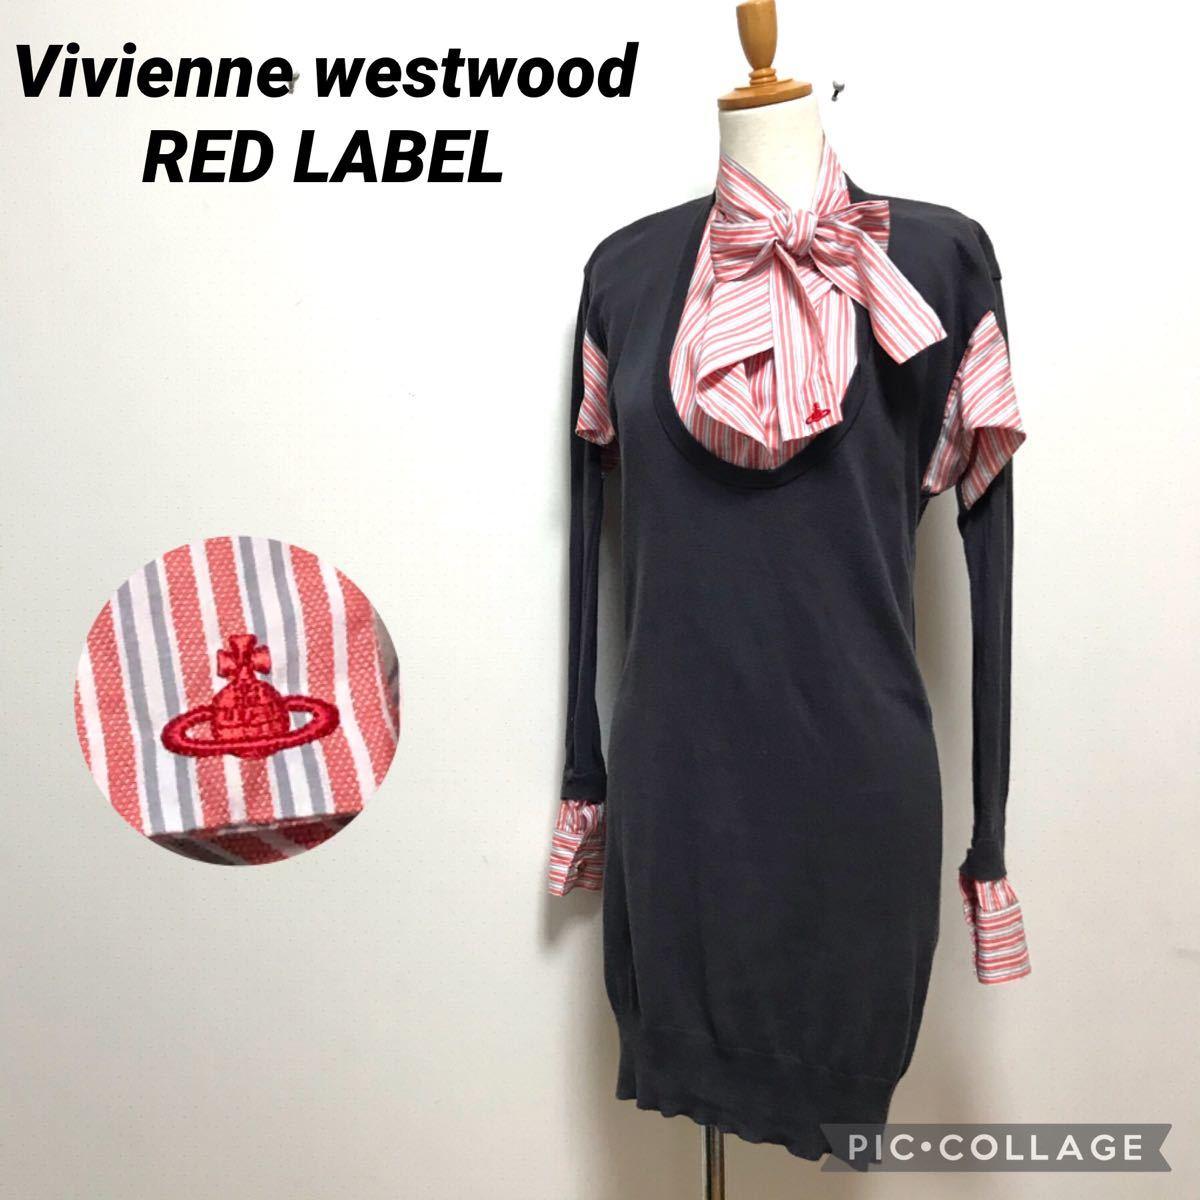 Vivienne westwood RED LABEL ヴィヴィアンウエストウッド 重ね着風 ニットワンピース シャツワンピ 1